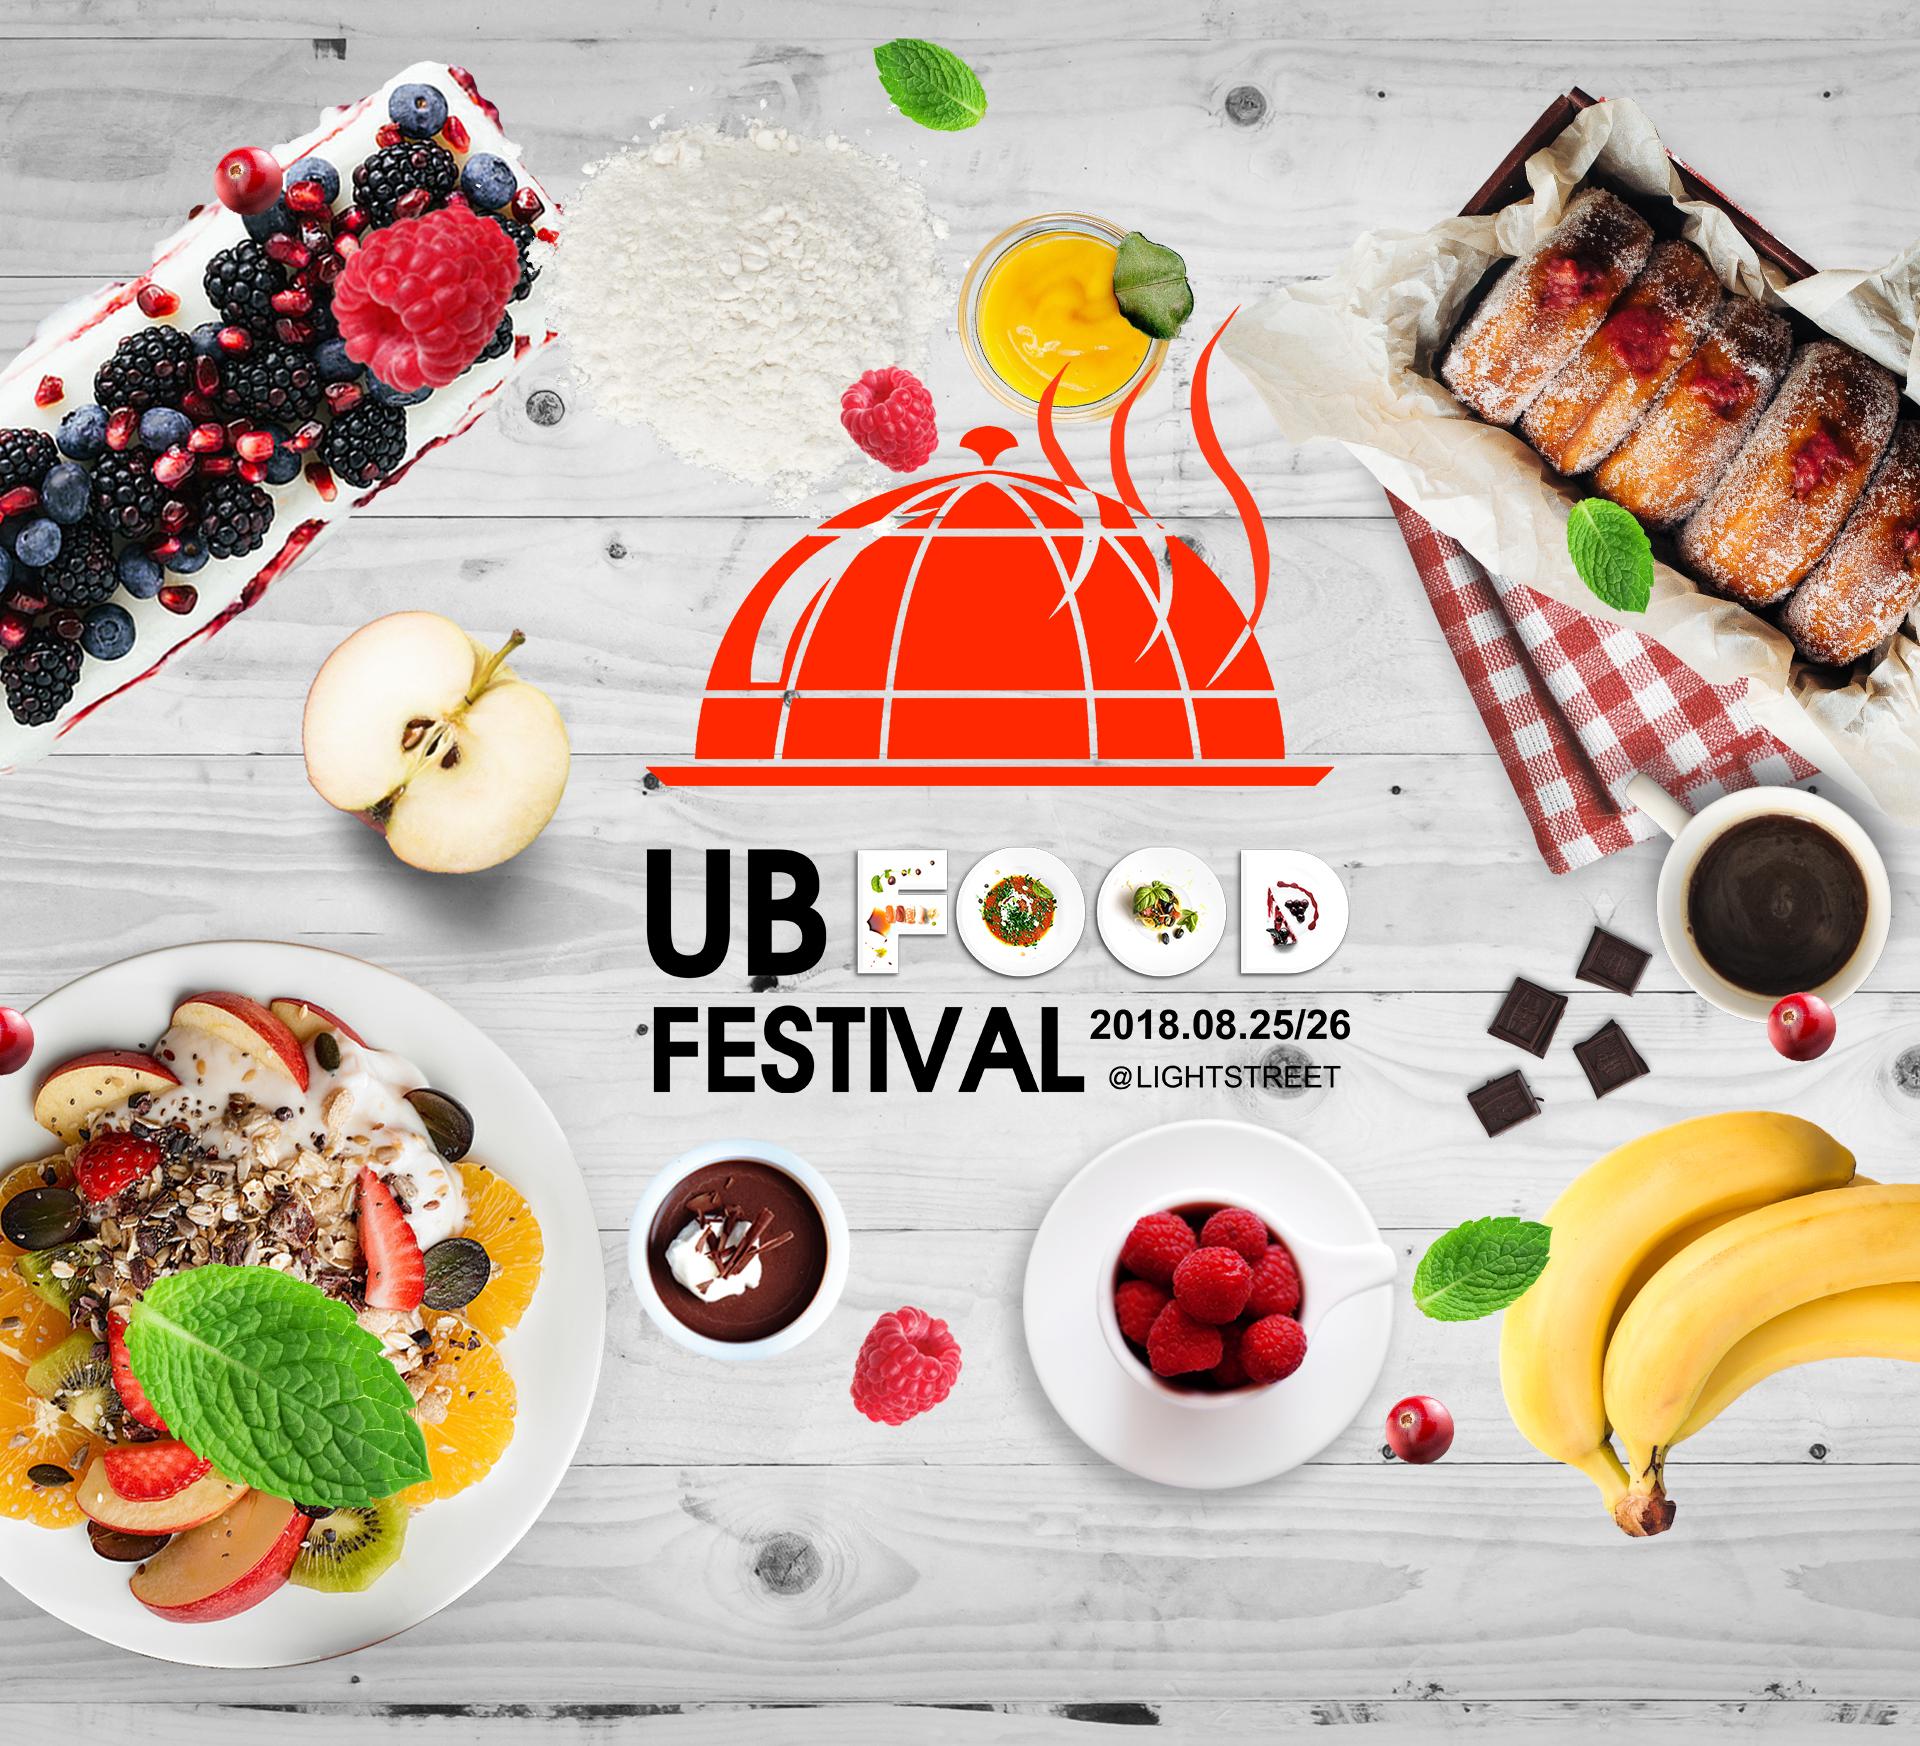 UBfoodfestival